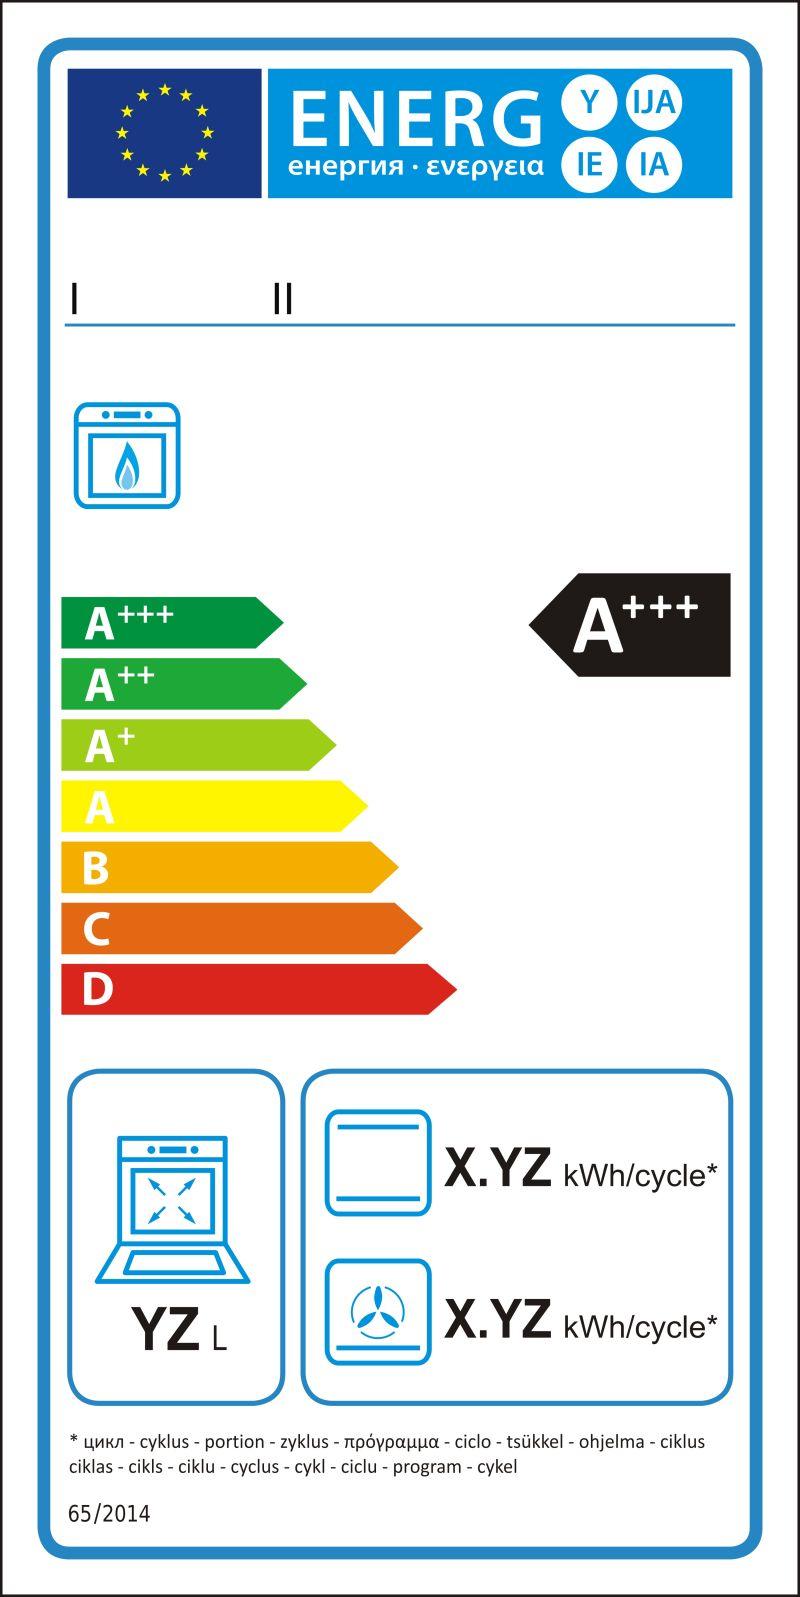 矢量气体炉新能源评级图形标签